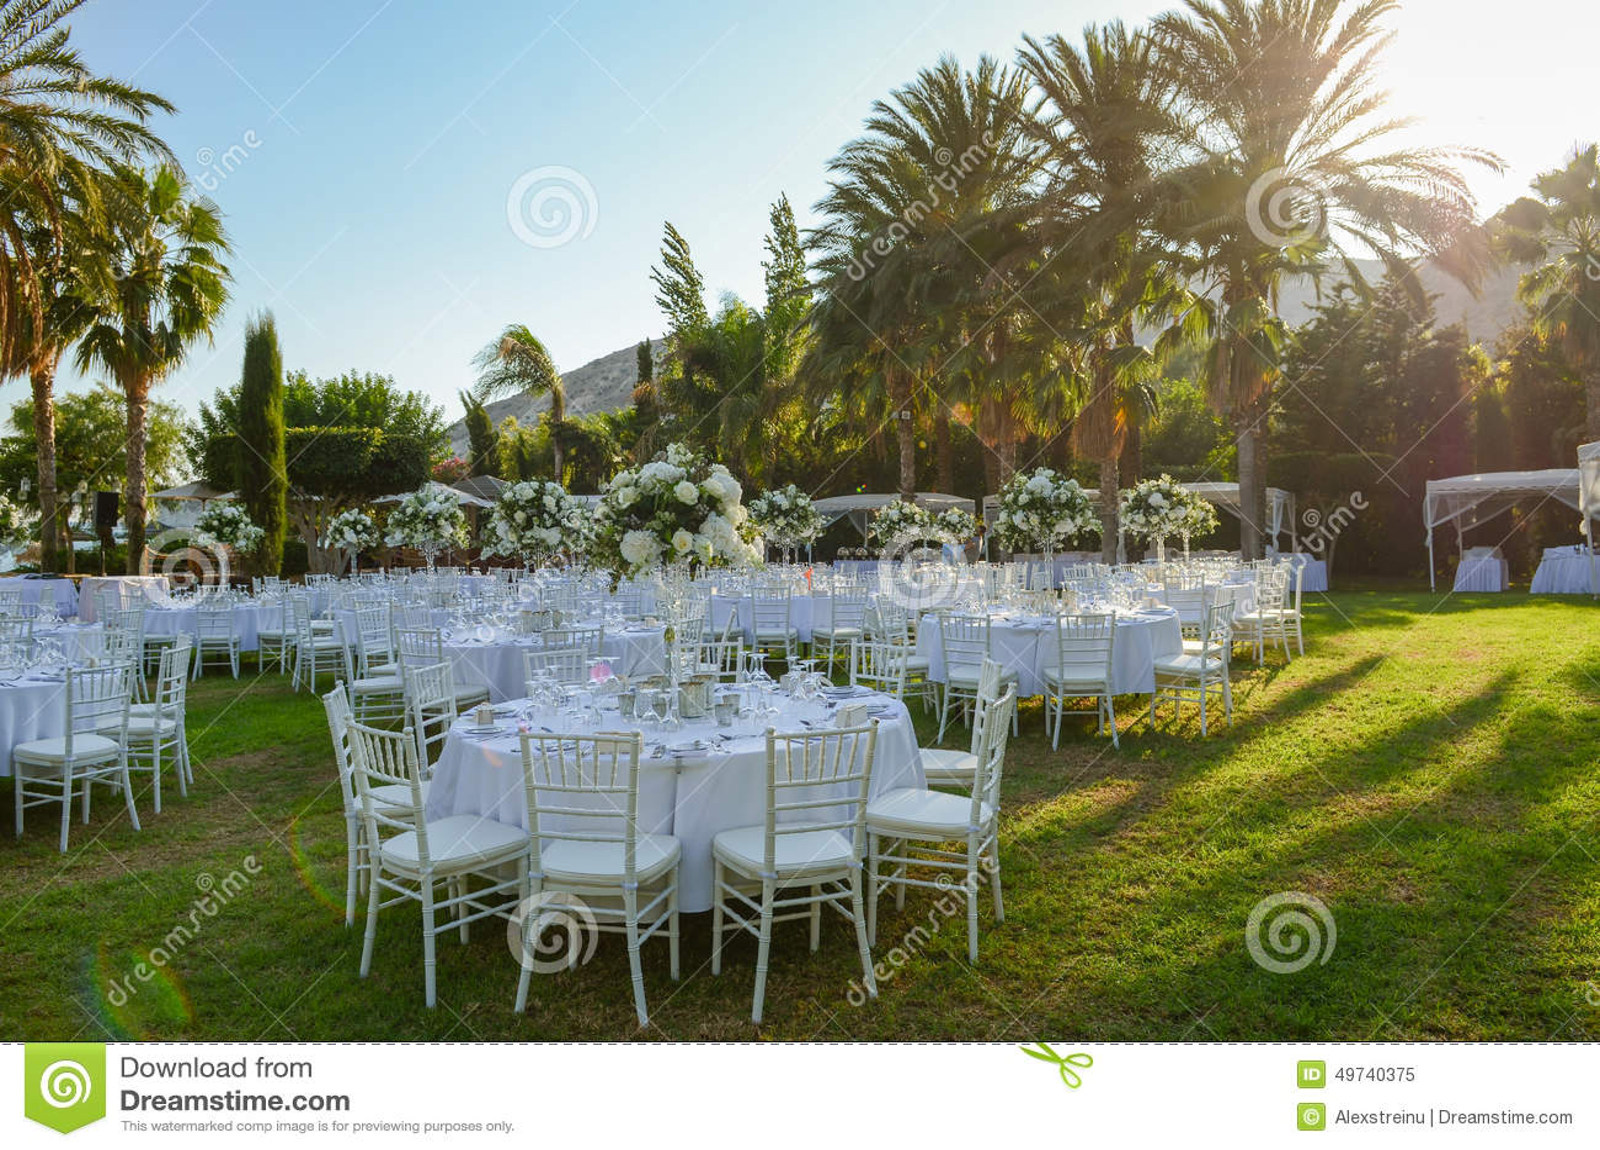 Decoracion Al Aire Libre Para Casamiento ~   de archivo Recepci?n nupcial al aire libre Decoraciones de la boda